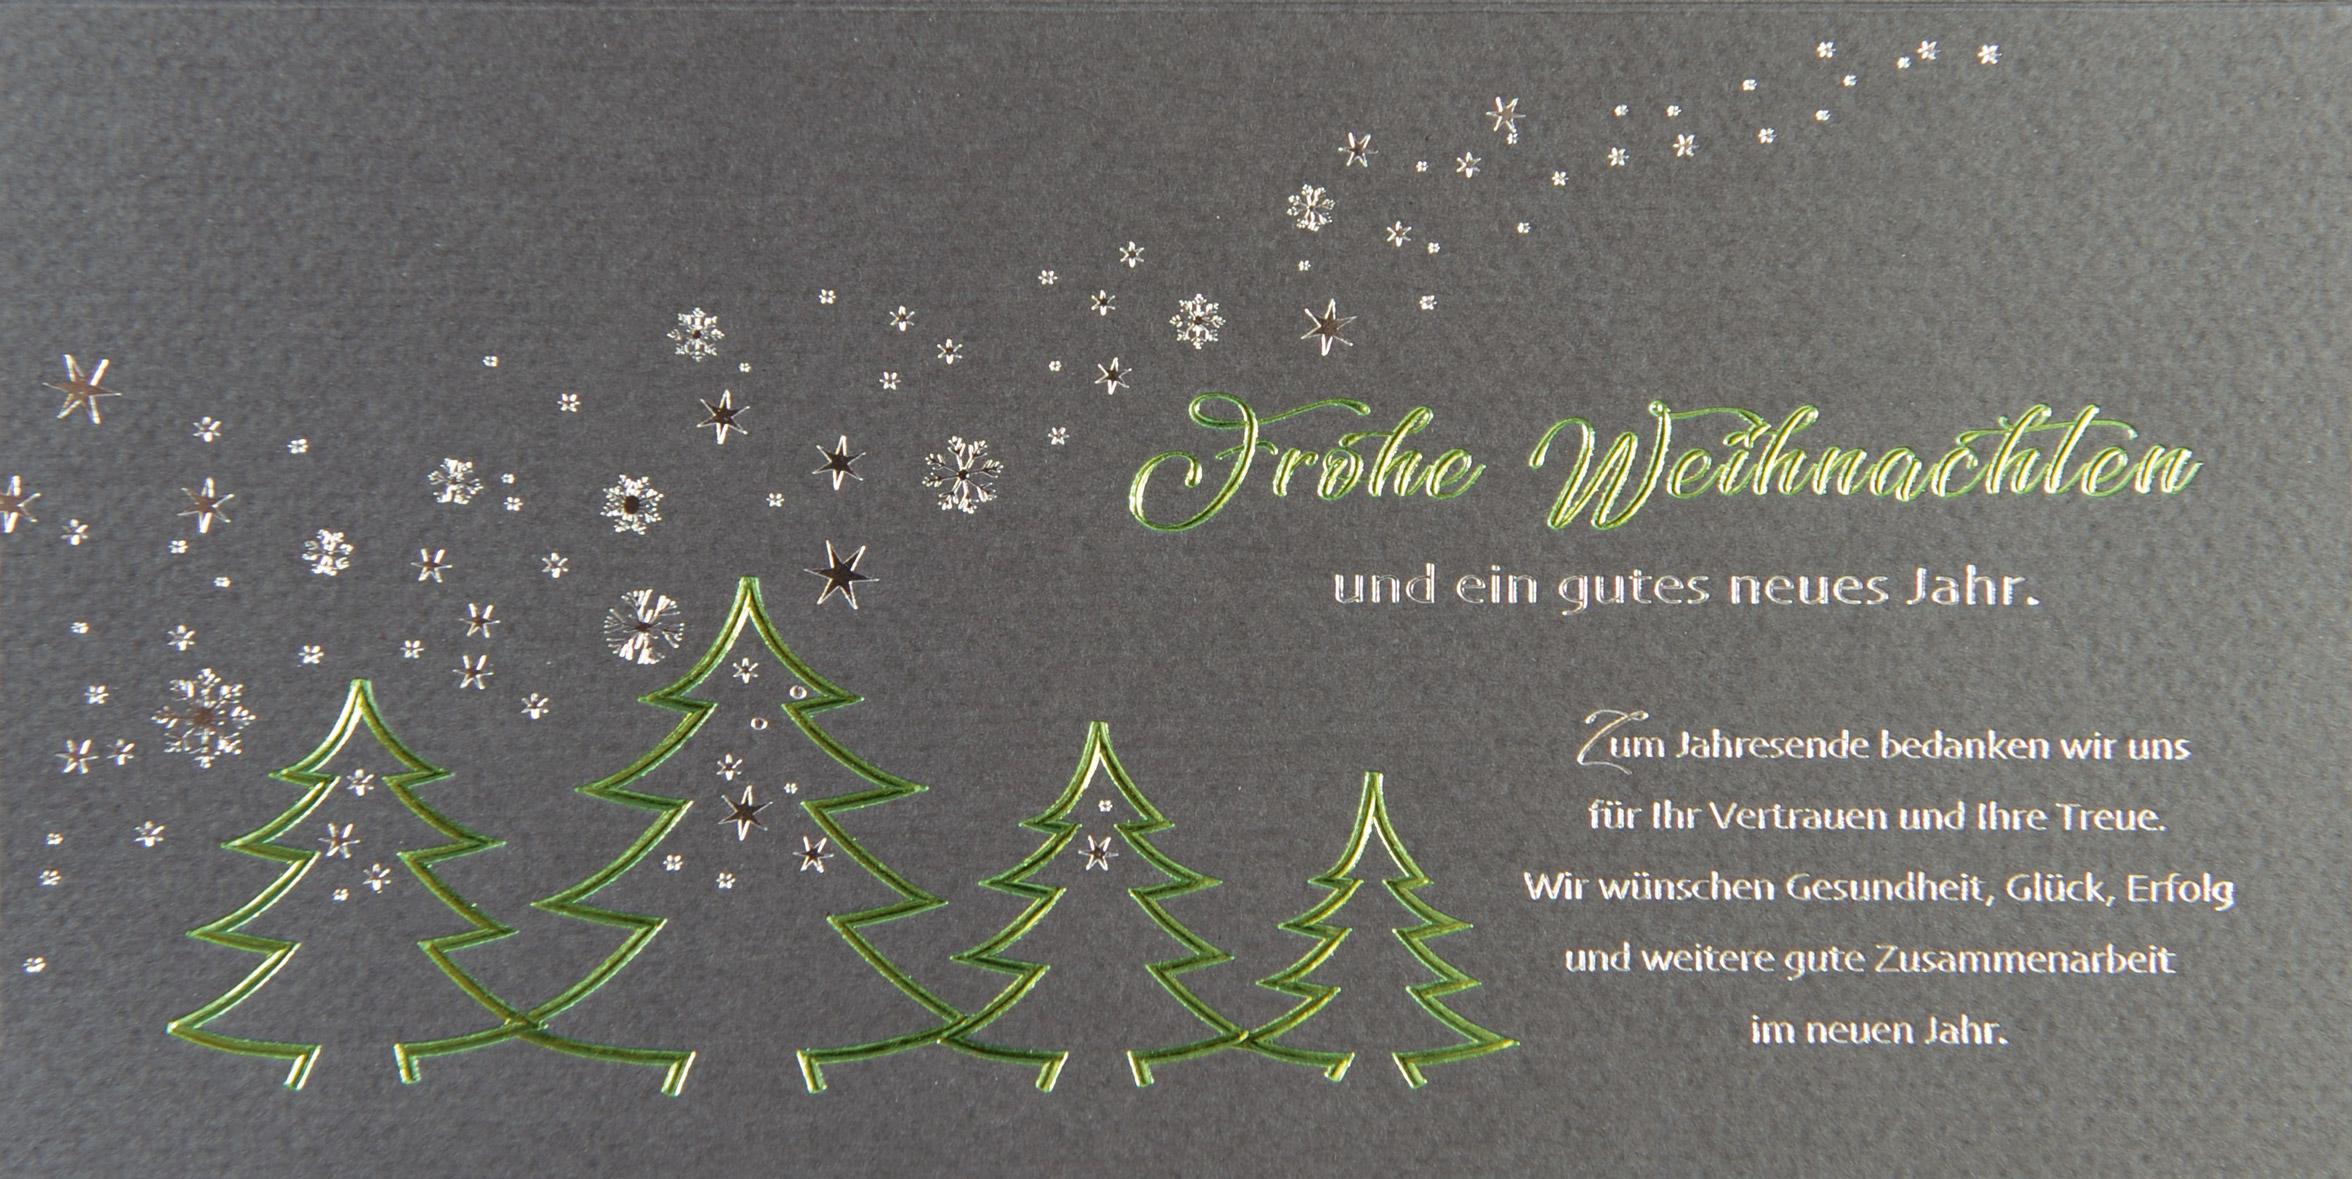 graue weihnachtskarte mit gr en an ihre gesch ftskunden. Black Bedroom Furniture Sets. Home Design Ideas